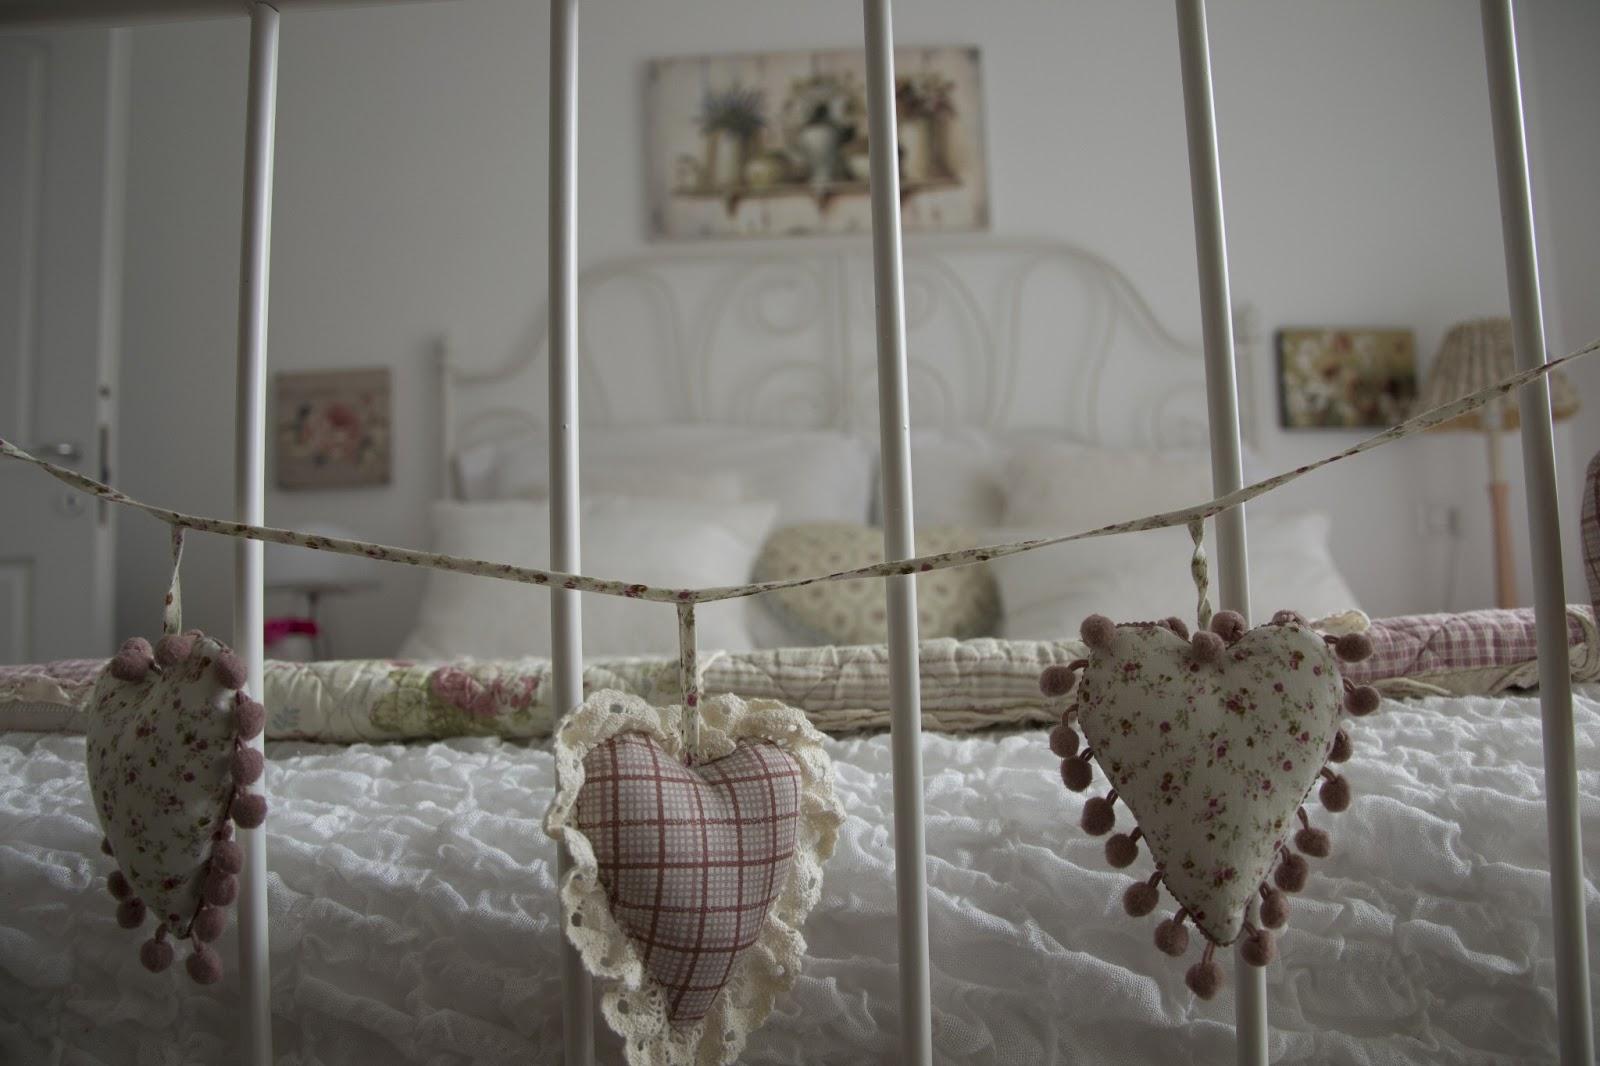 Quadri shabby chic camera da letto gli accessori sono molto usati molti cuscini con fiori righe - Quadri shabby chic camera da letto ...